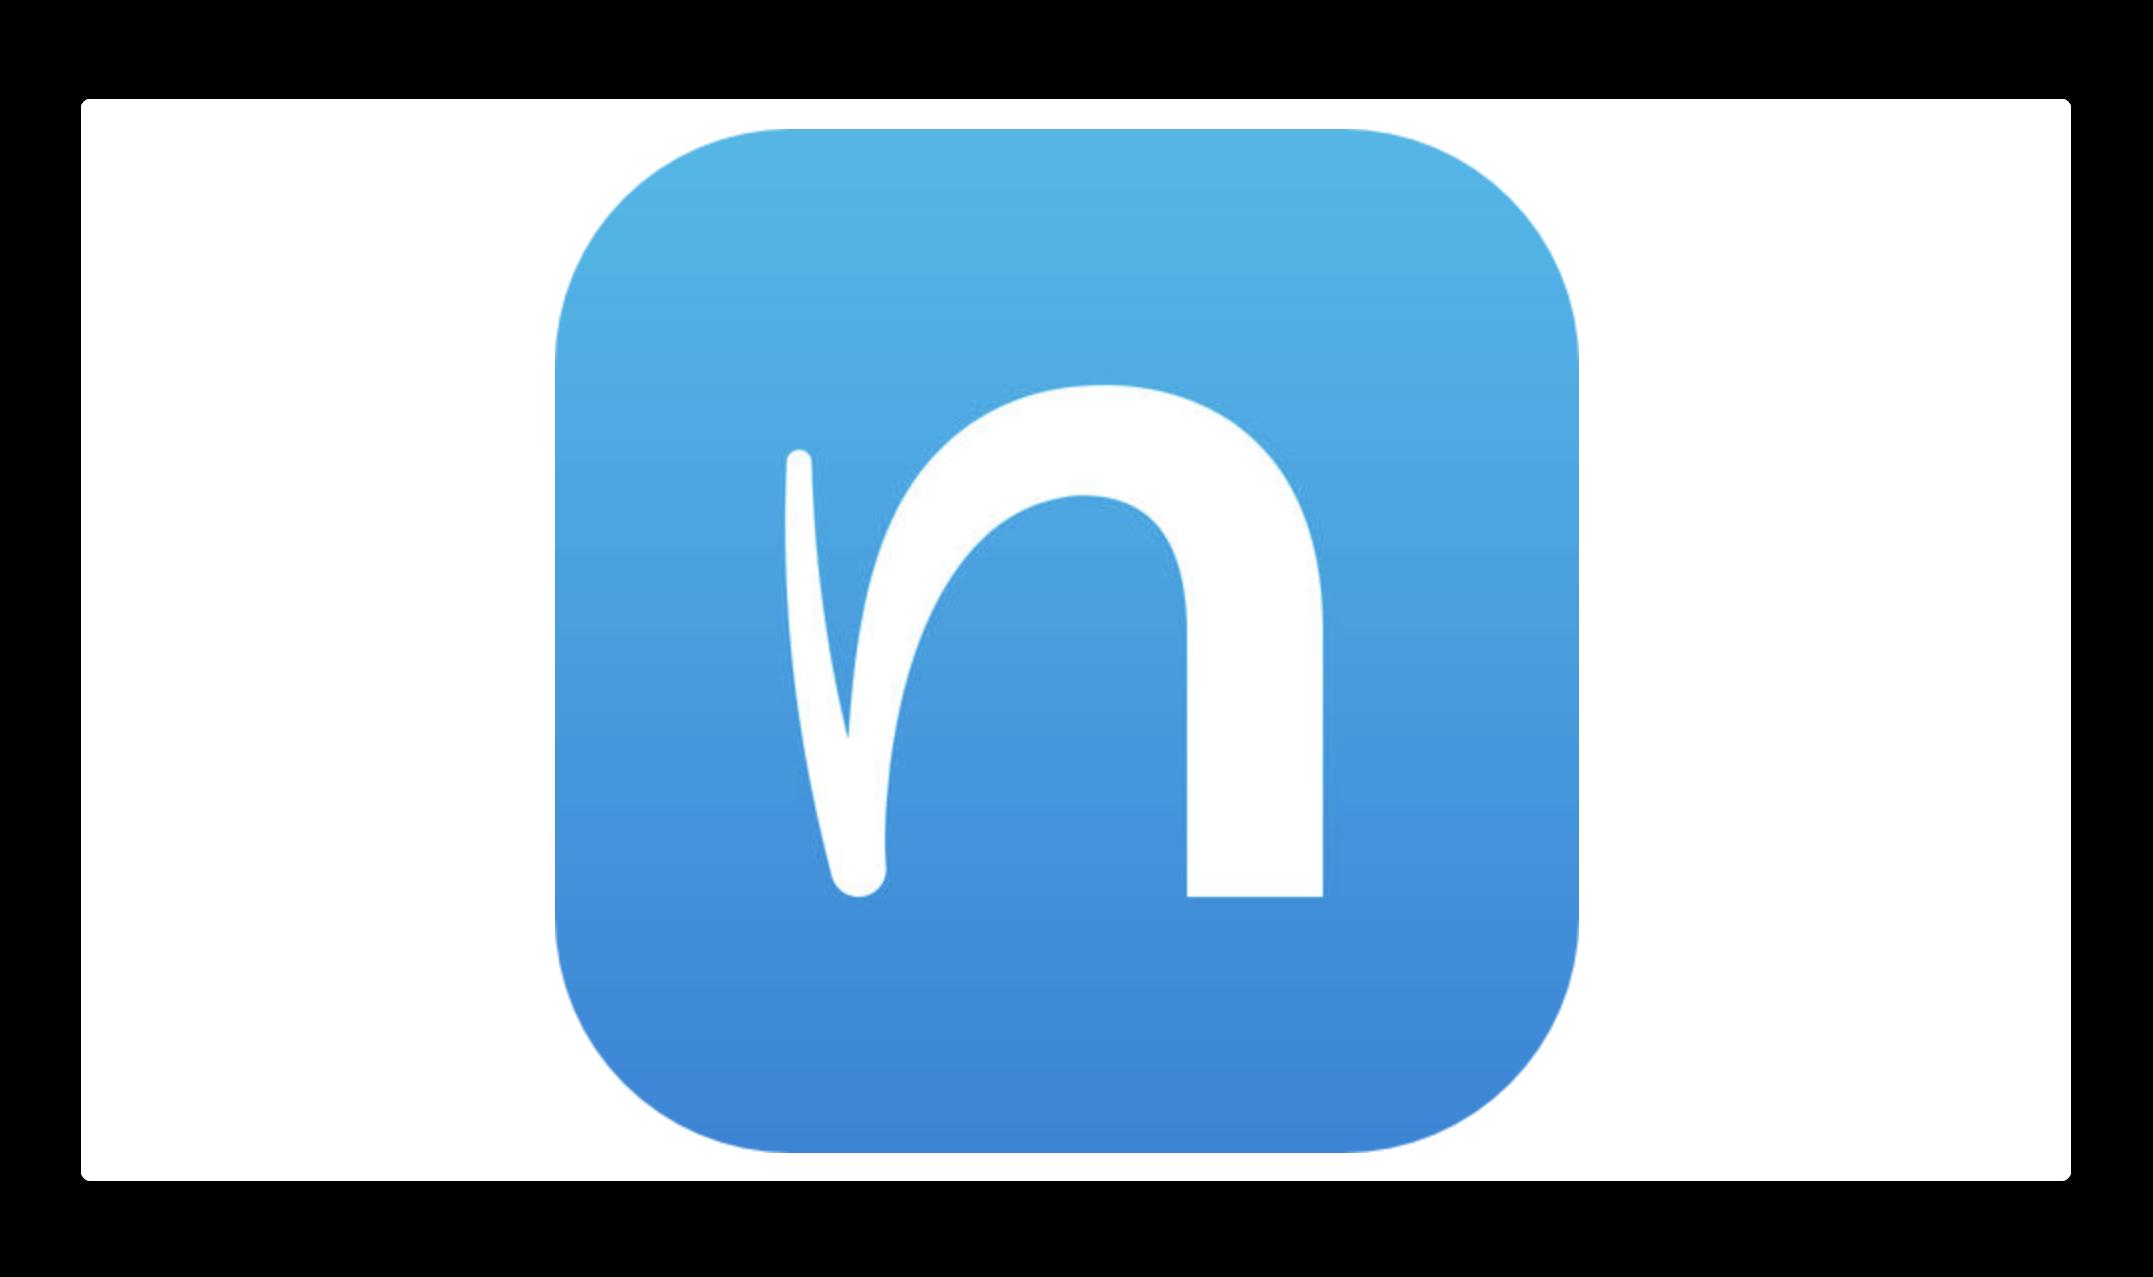 Apple、Betaソフトウェアプログラムのメンバに「iOS 11.4」と「tvOS 11.4」をリリース